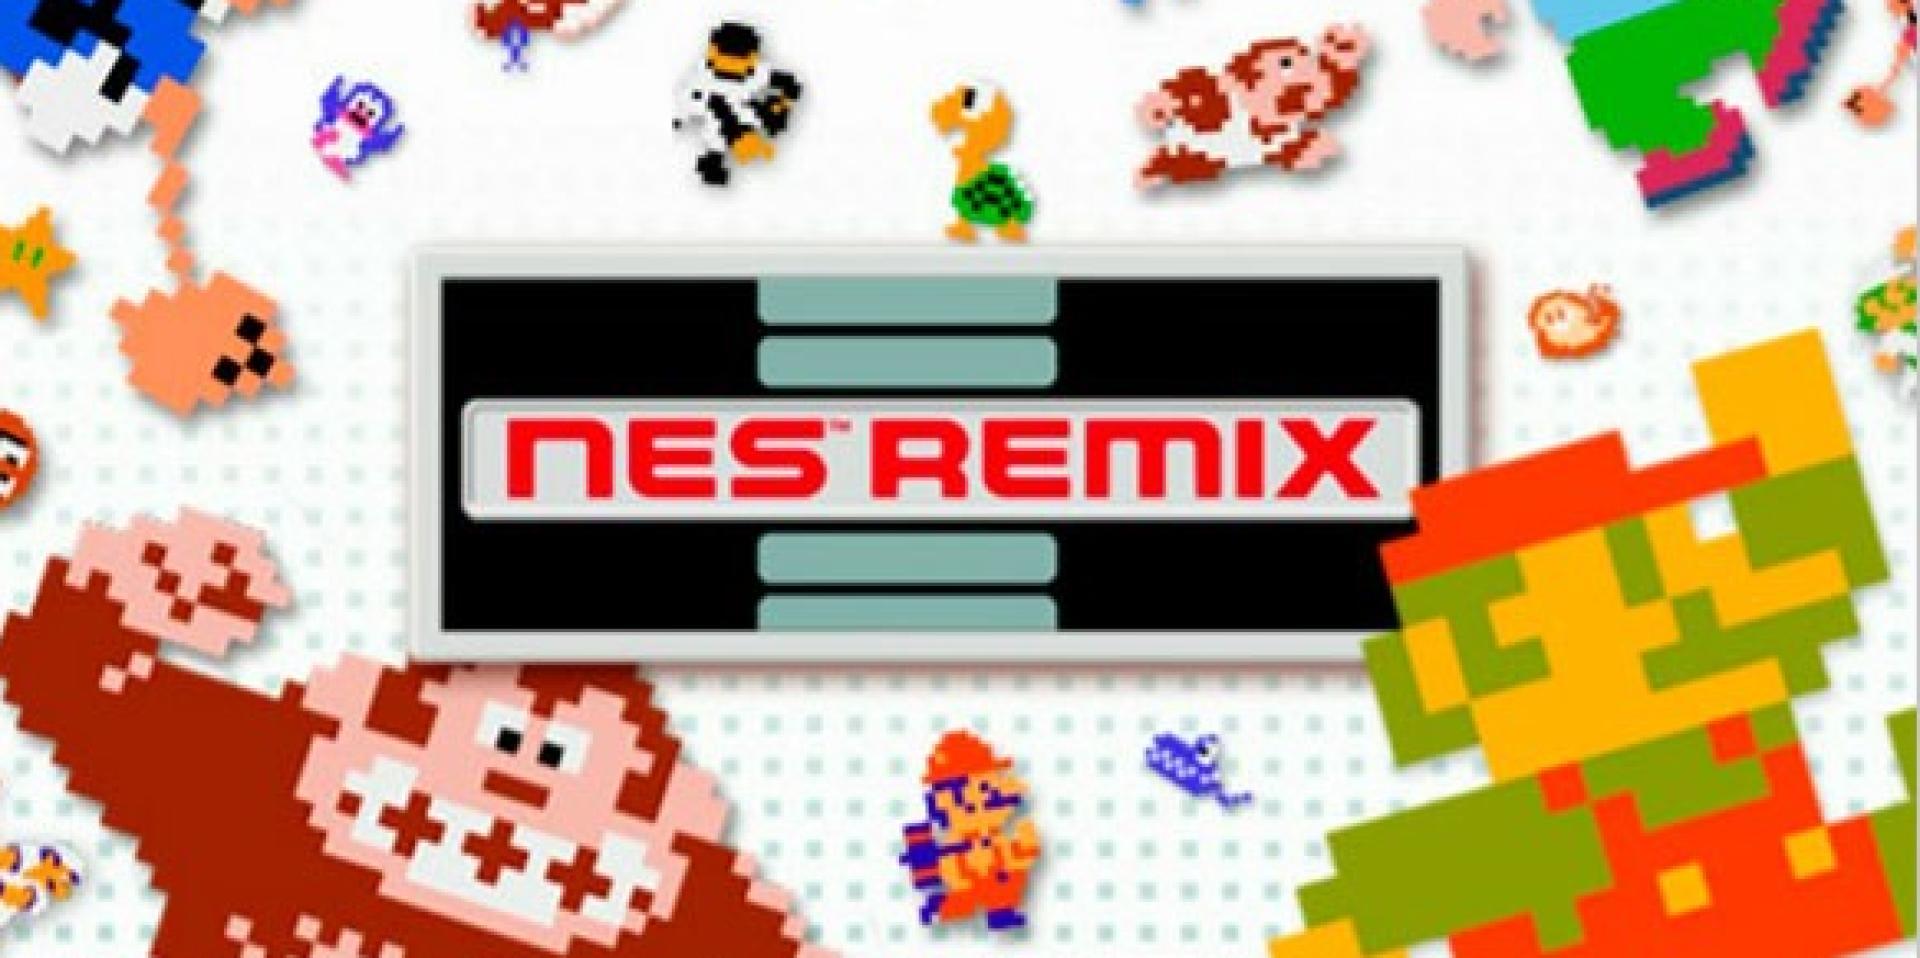 Visuel de la compilation NES Remix (2013), sur Wii U.